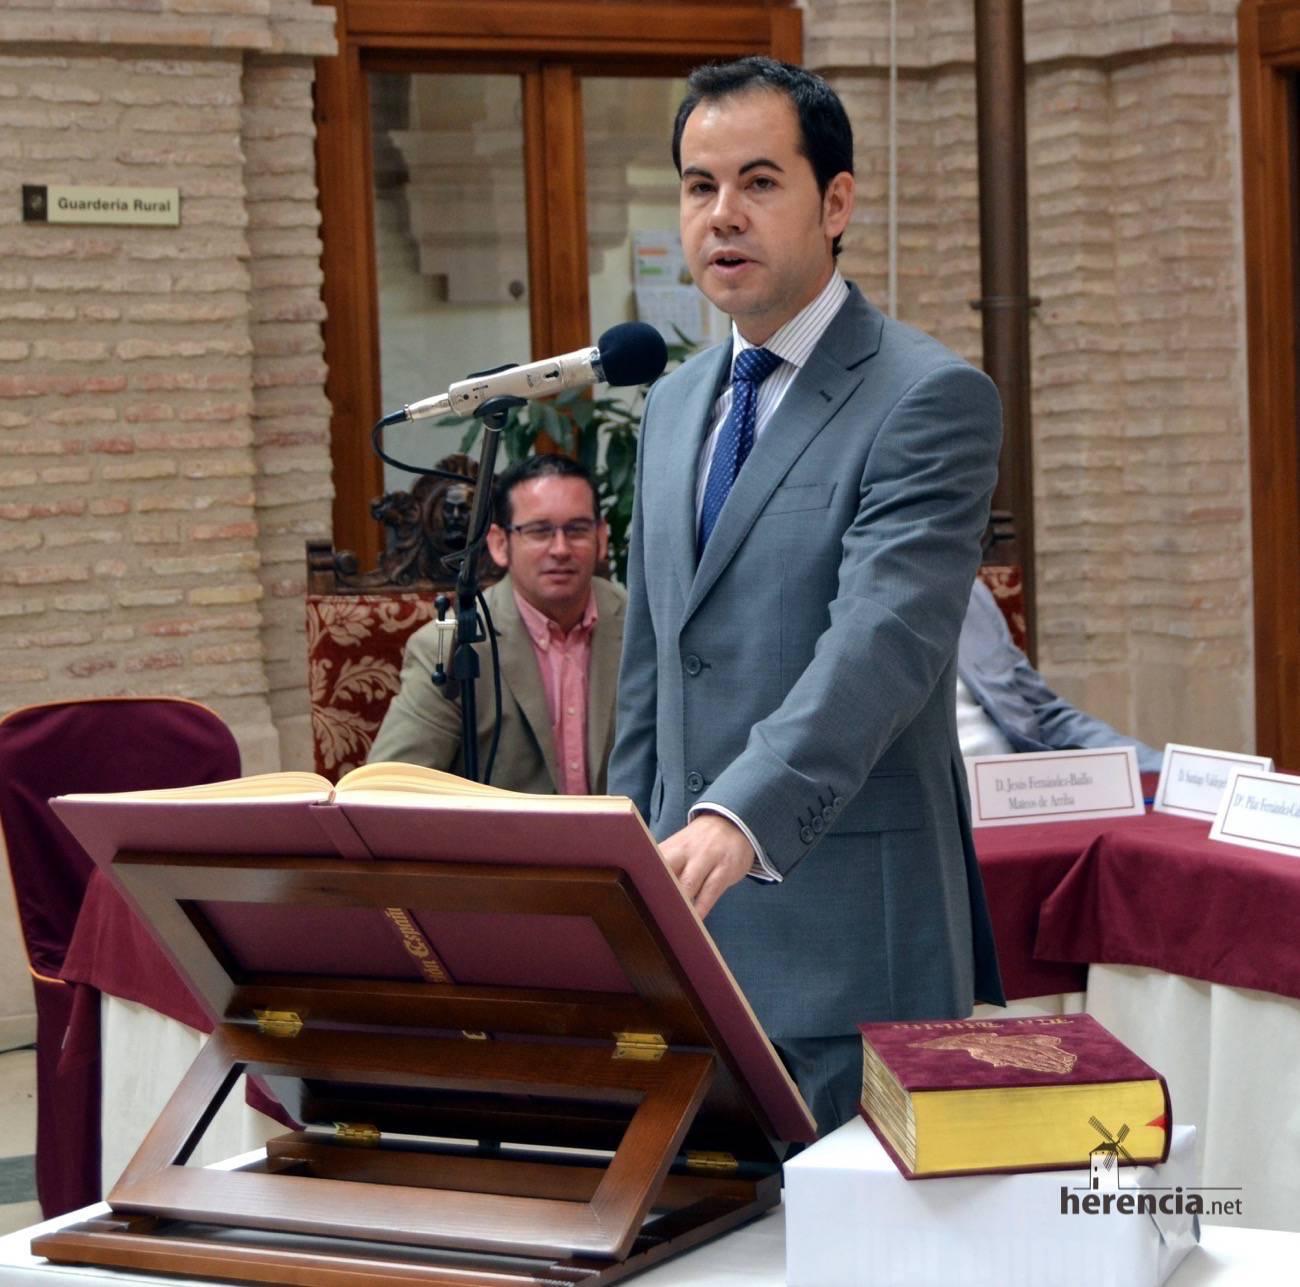 sergio garcia nava promete su cargo como alcalde de Herencia - Sergio García-Navas toma posesión como alcalde de Herencia